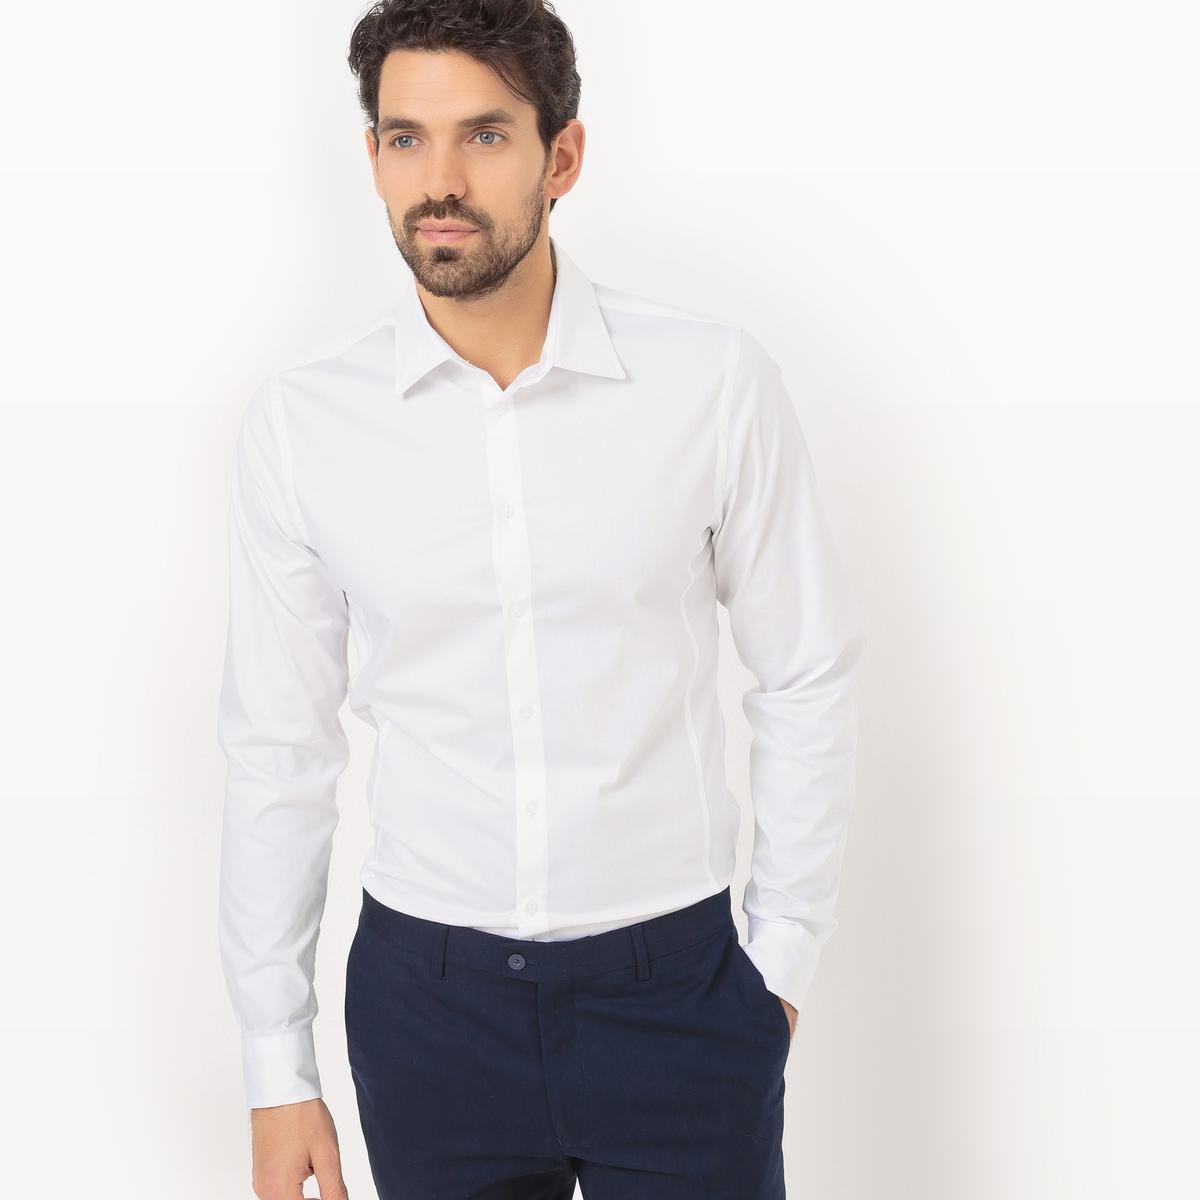 Рубашка с длинными рукавами, покрой супер узкийРубашка супер узкого покроя  . Длинные рукава с пуговицами внизу. Итальянский воротник со свободными кончиками . Застежка на пуговицы спереди. Состав и описание :Основной материал : 98% хлопка, 2% эластанаДлина : 79 см Уход :Машинная стирка при 30 °CСтирать с вещами схожих цветов с изнаночной стороныОтбеливание запрещеноГлажка на умеренной температуре Сухая (химическая) чистка запрещенаБарабанная сушка на умеренной температуре<br><br>Цвет: белый,черный<br>Размер: 35/36.47/48.45/46.43/44.41/42.37/38.35/36.47/48.43/44.41/42.39/40.37/38